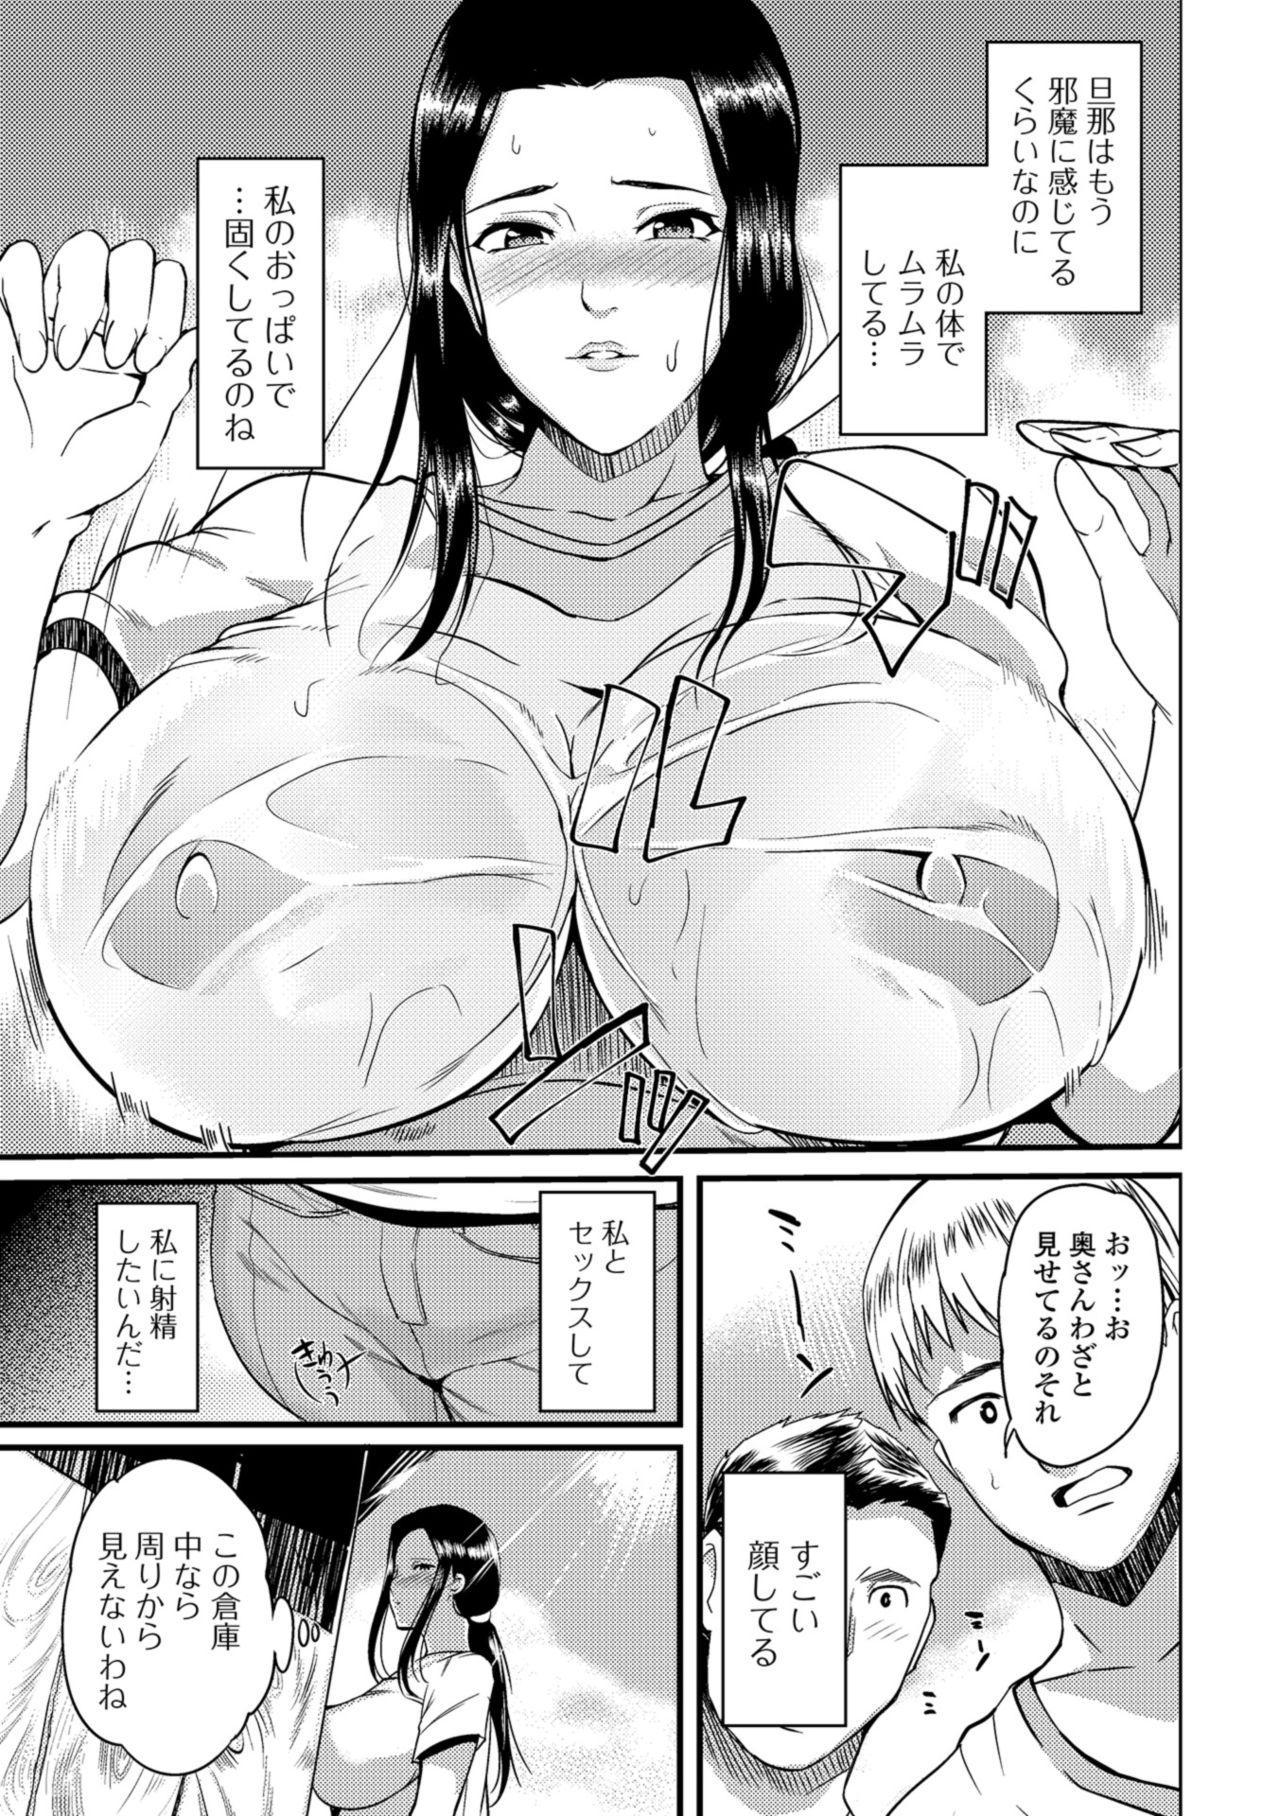 Oku-san ga Shiranai Kairaku 10